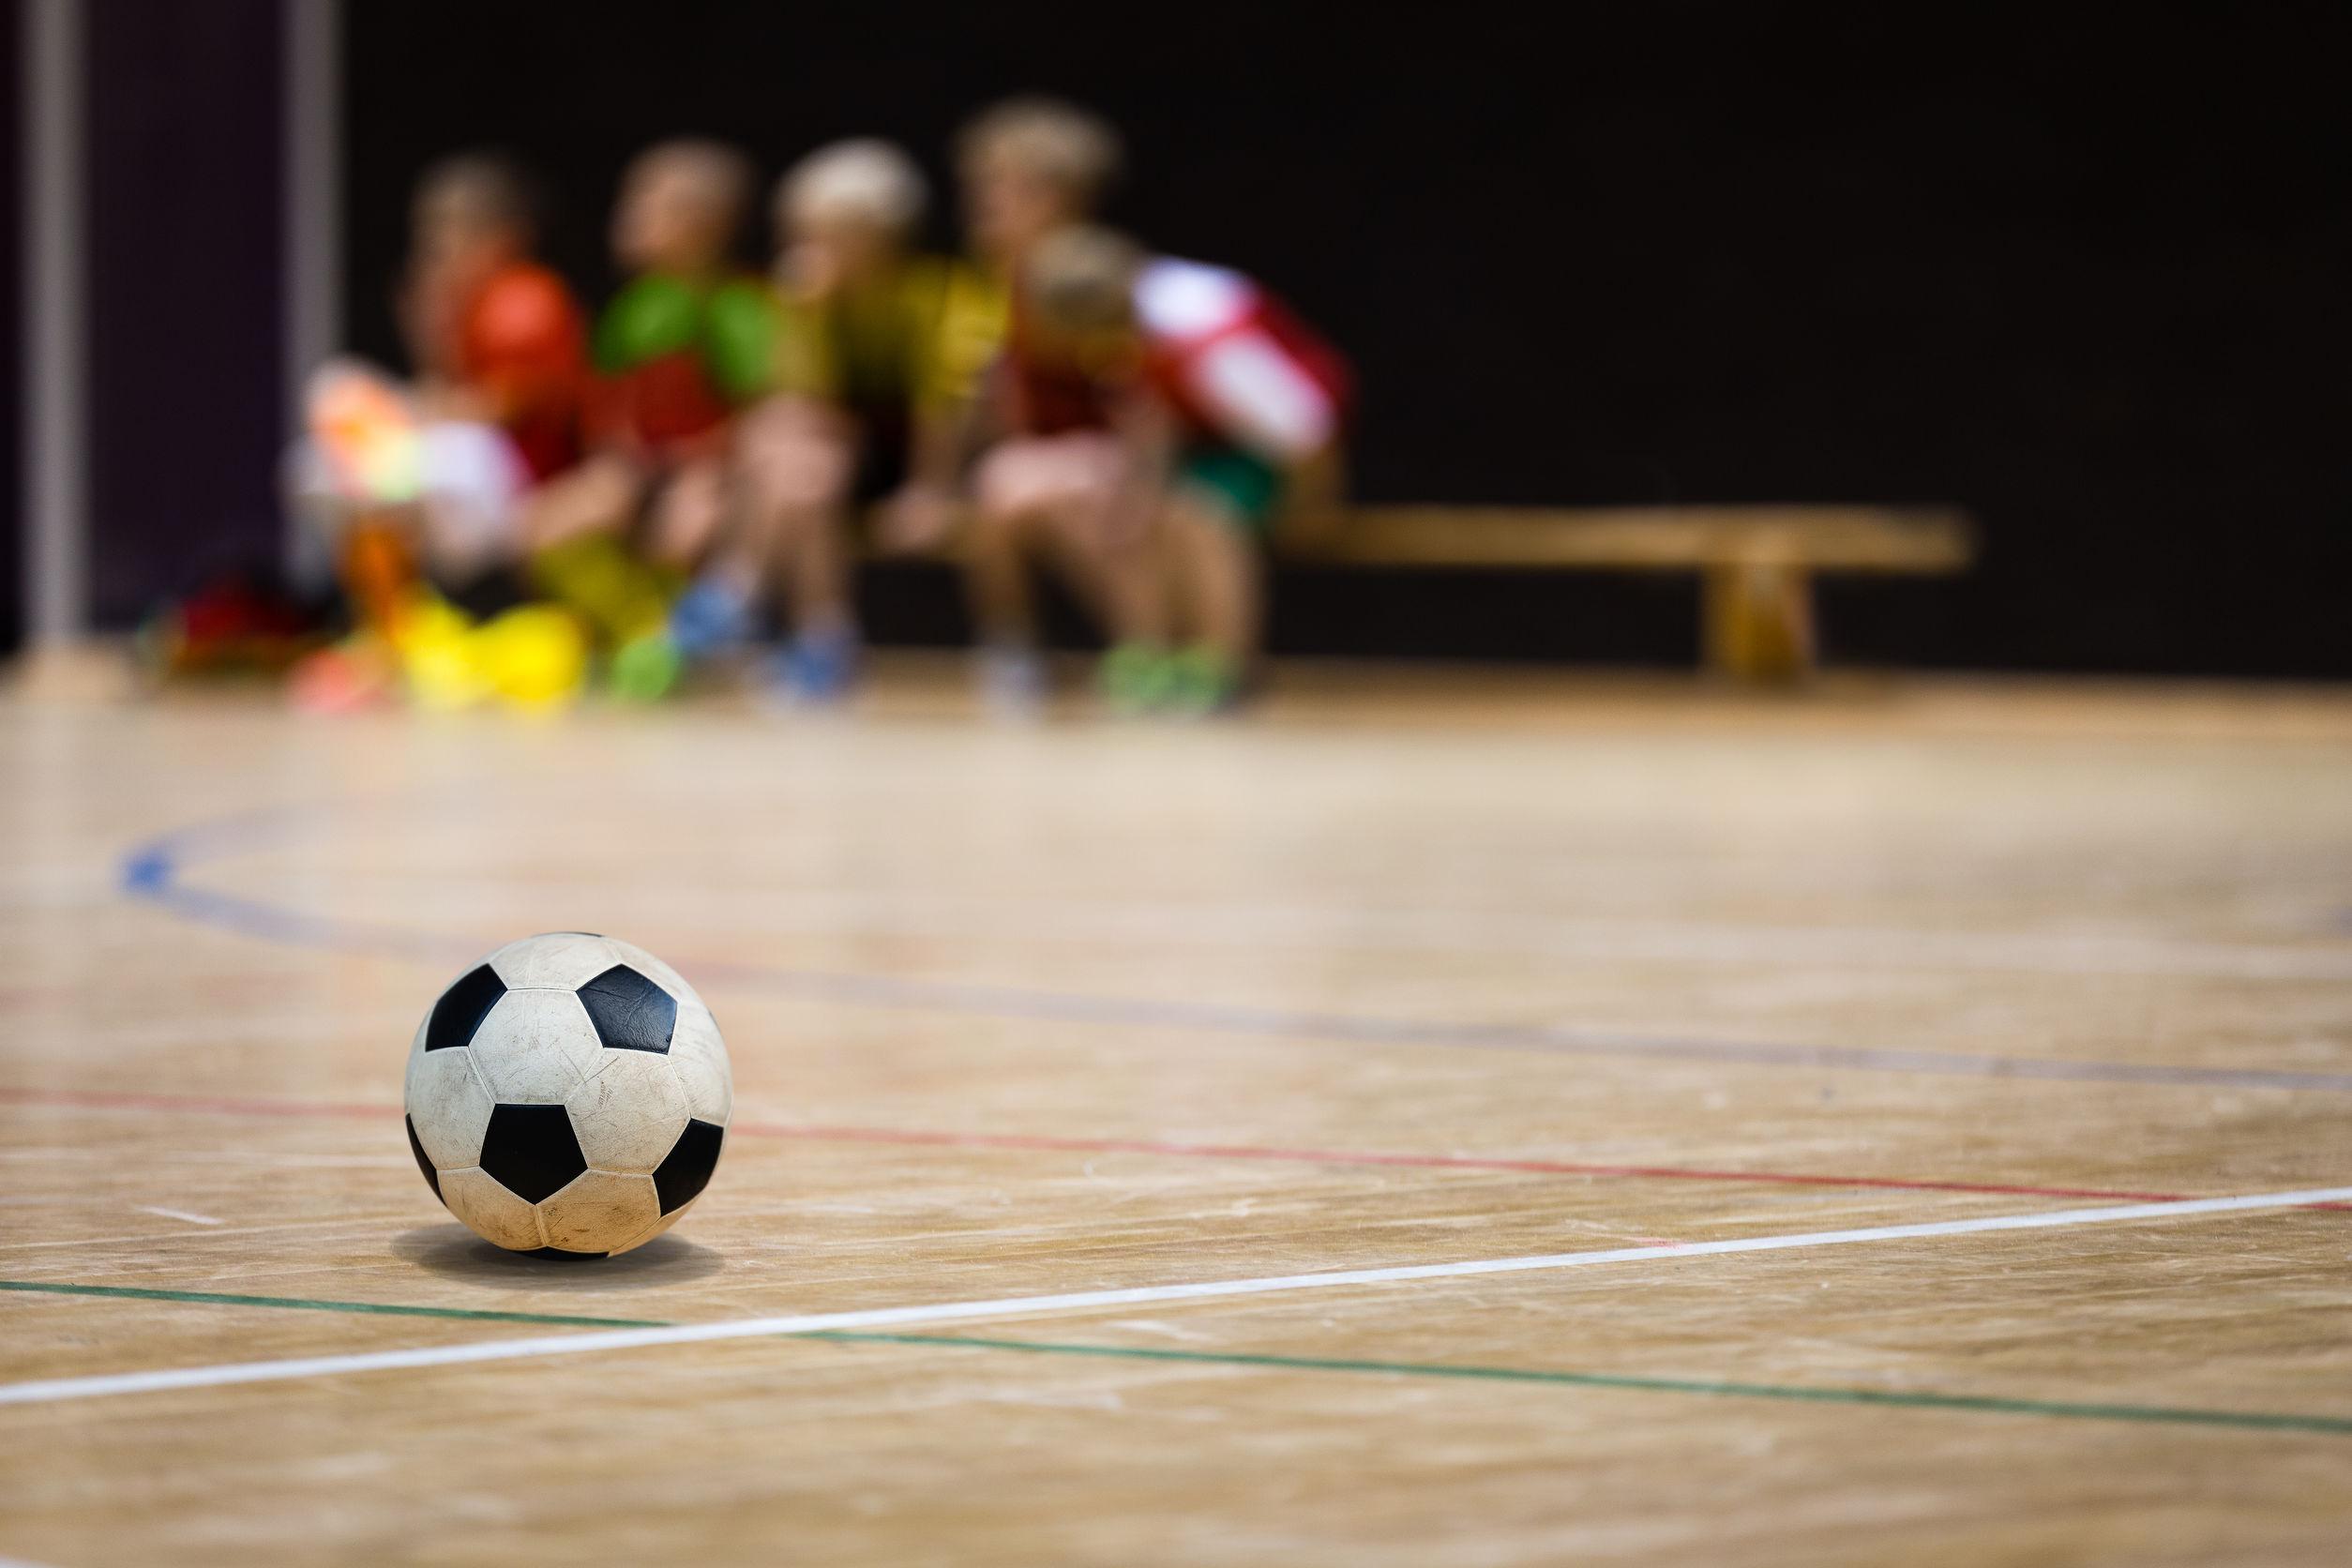 Bola de futebol em uma superfície de madeira